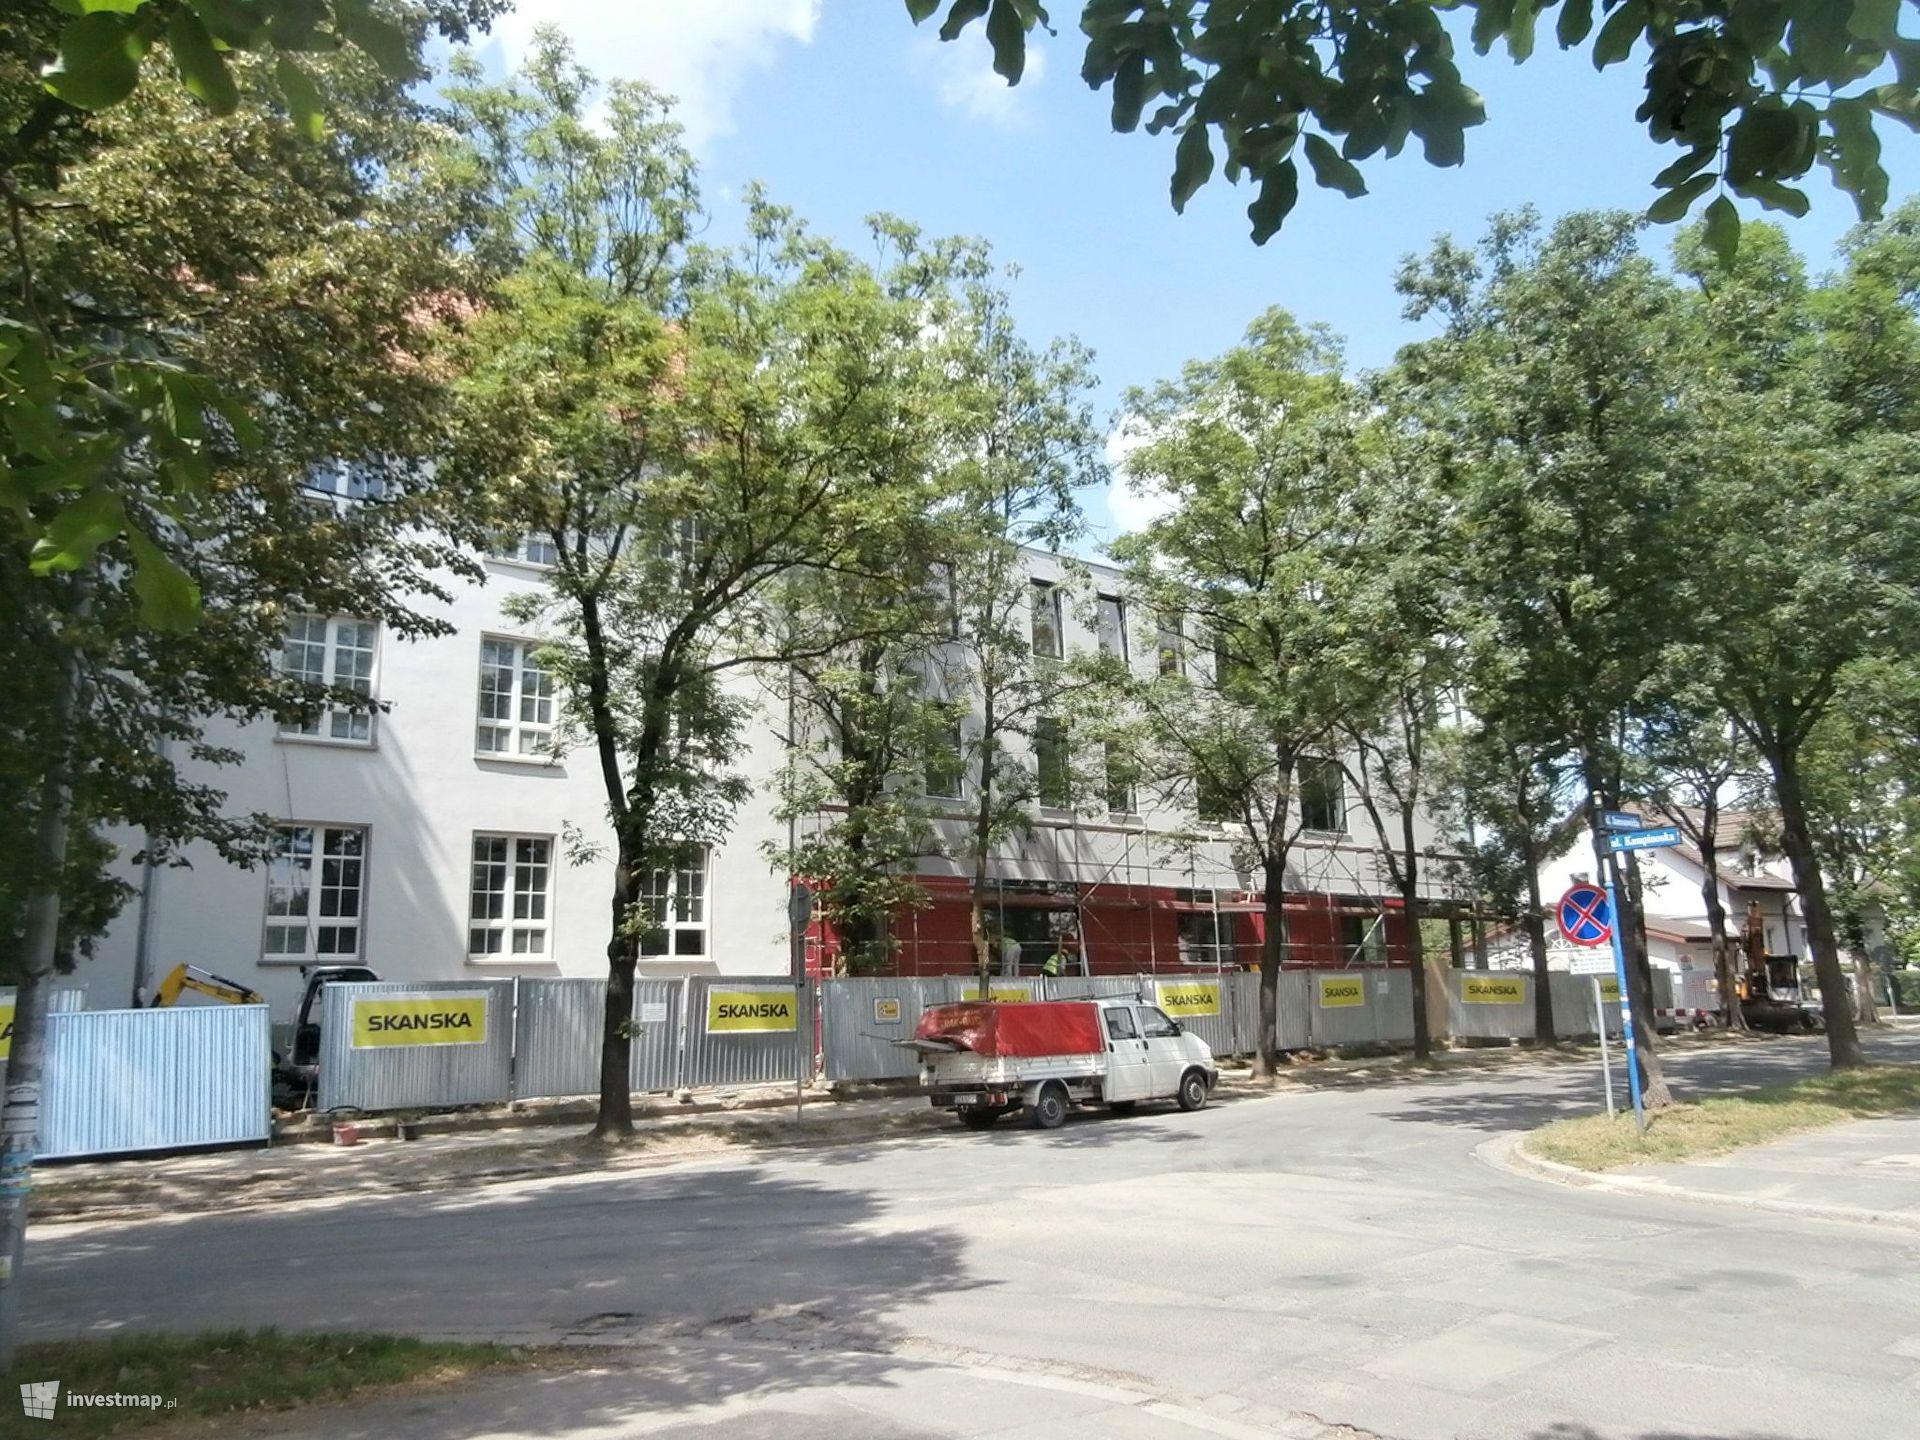 Szkoła podstawowa nr 47 (modernizacja)